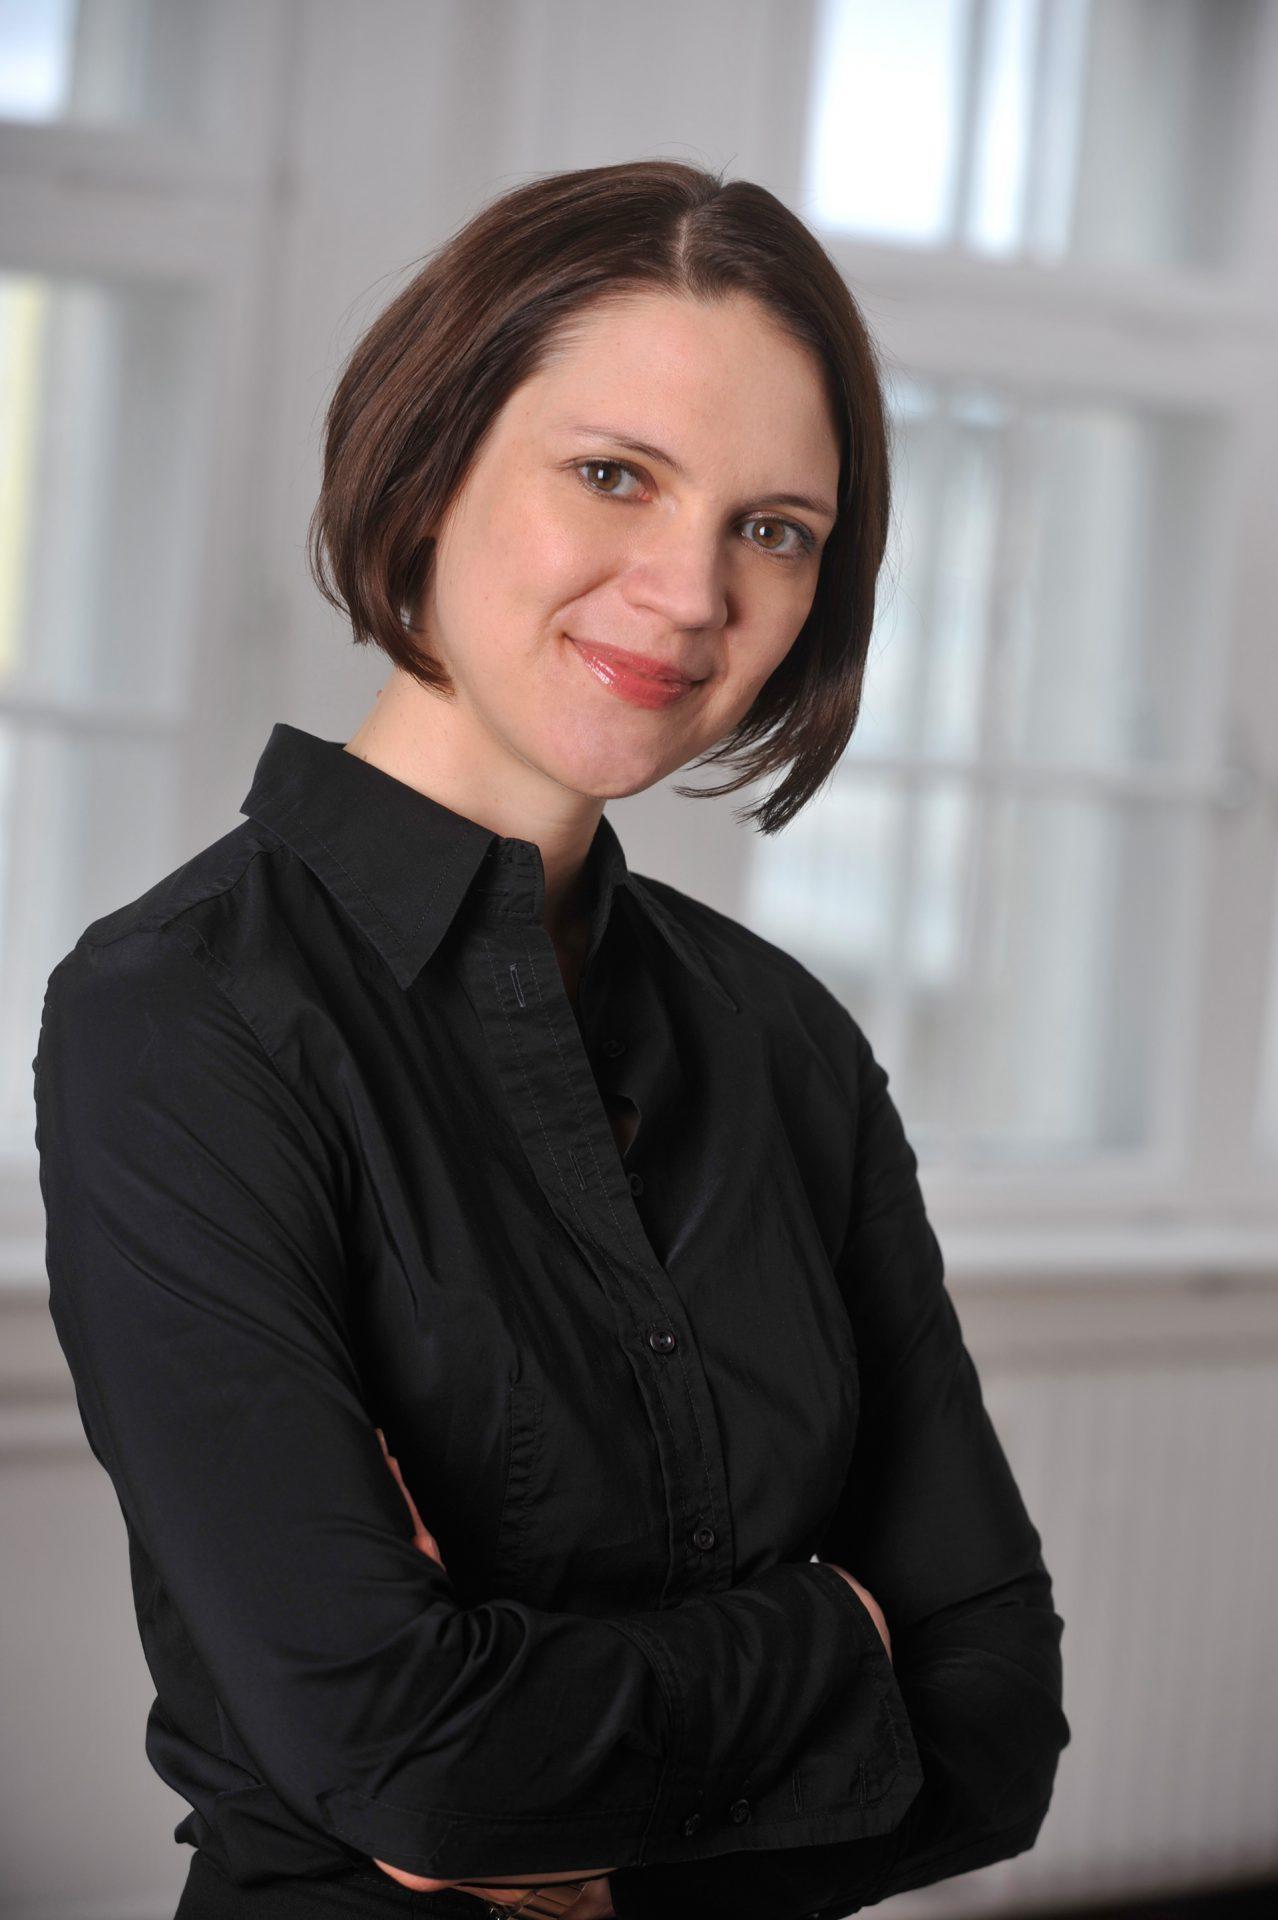 Dagmar Niehage